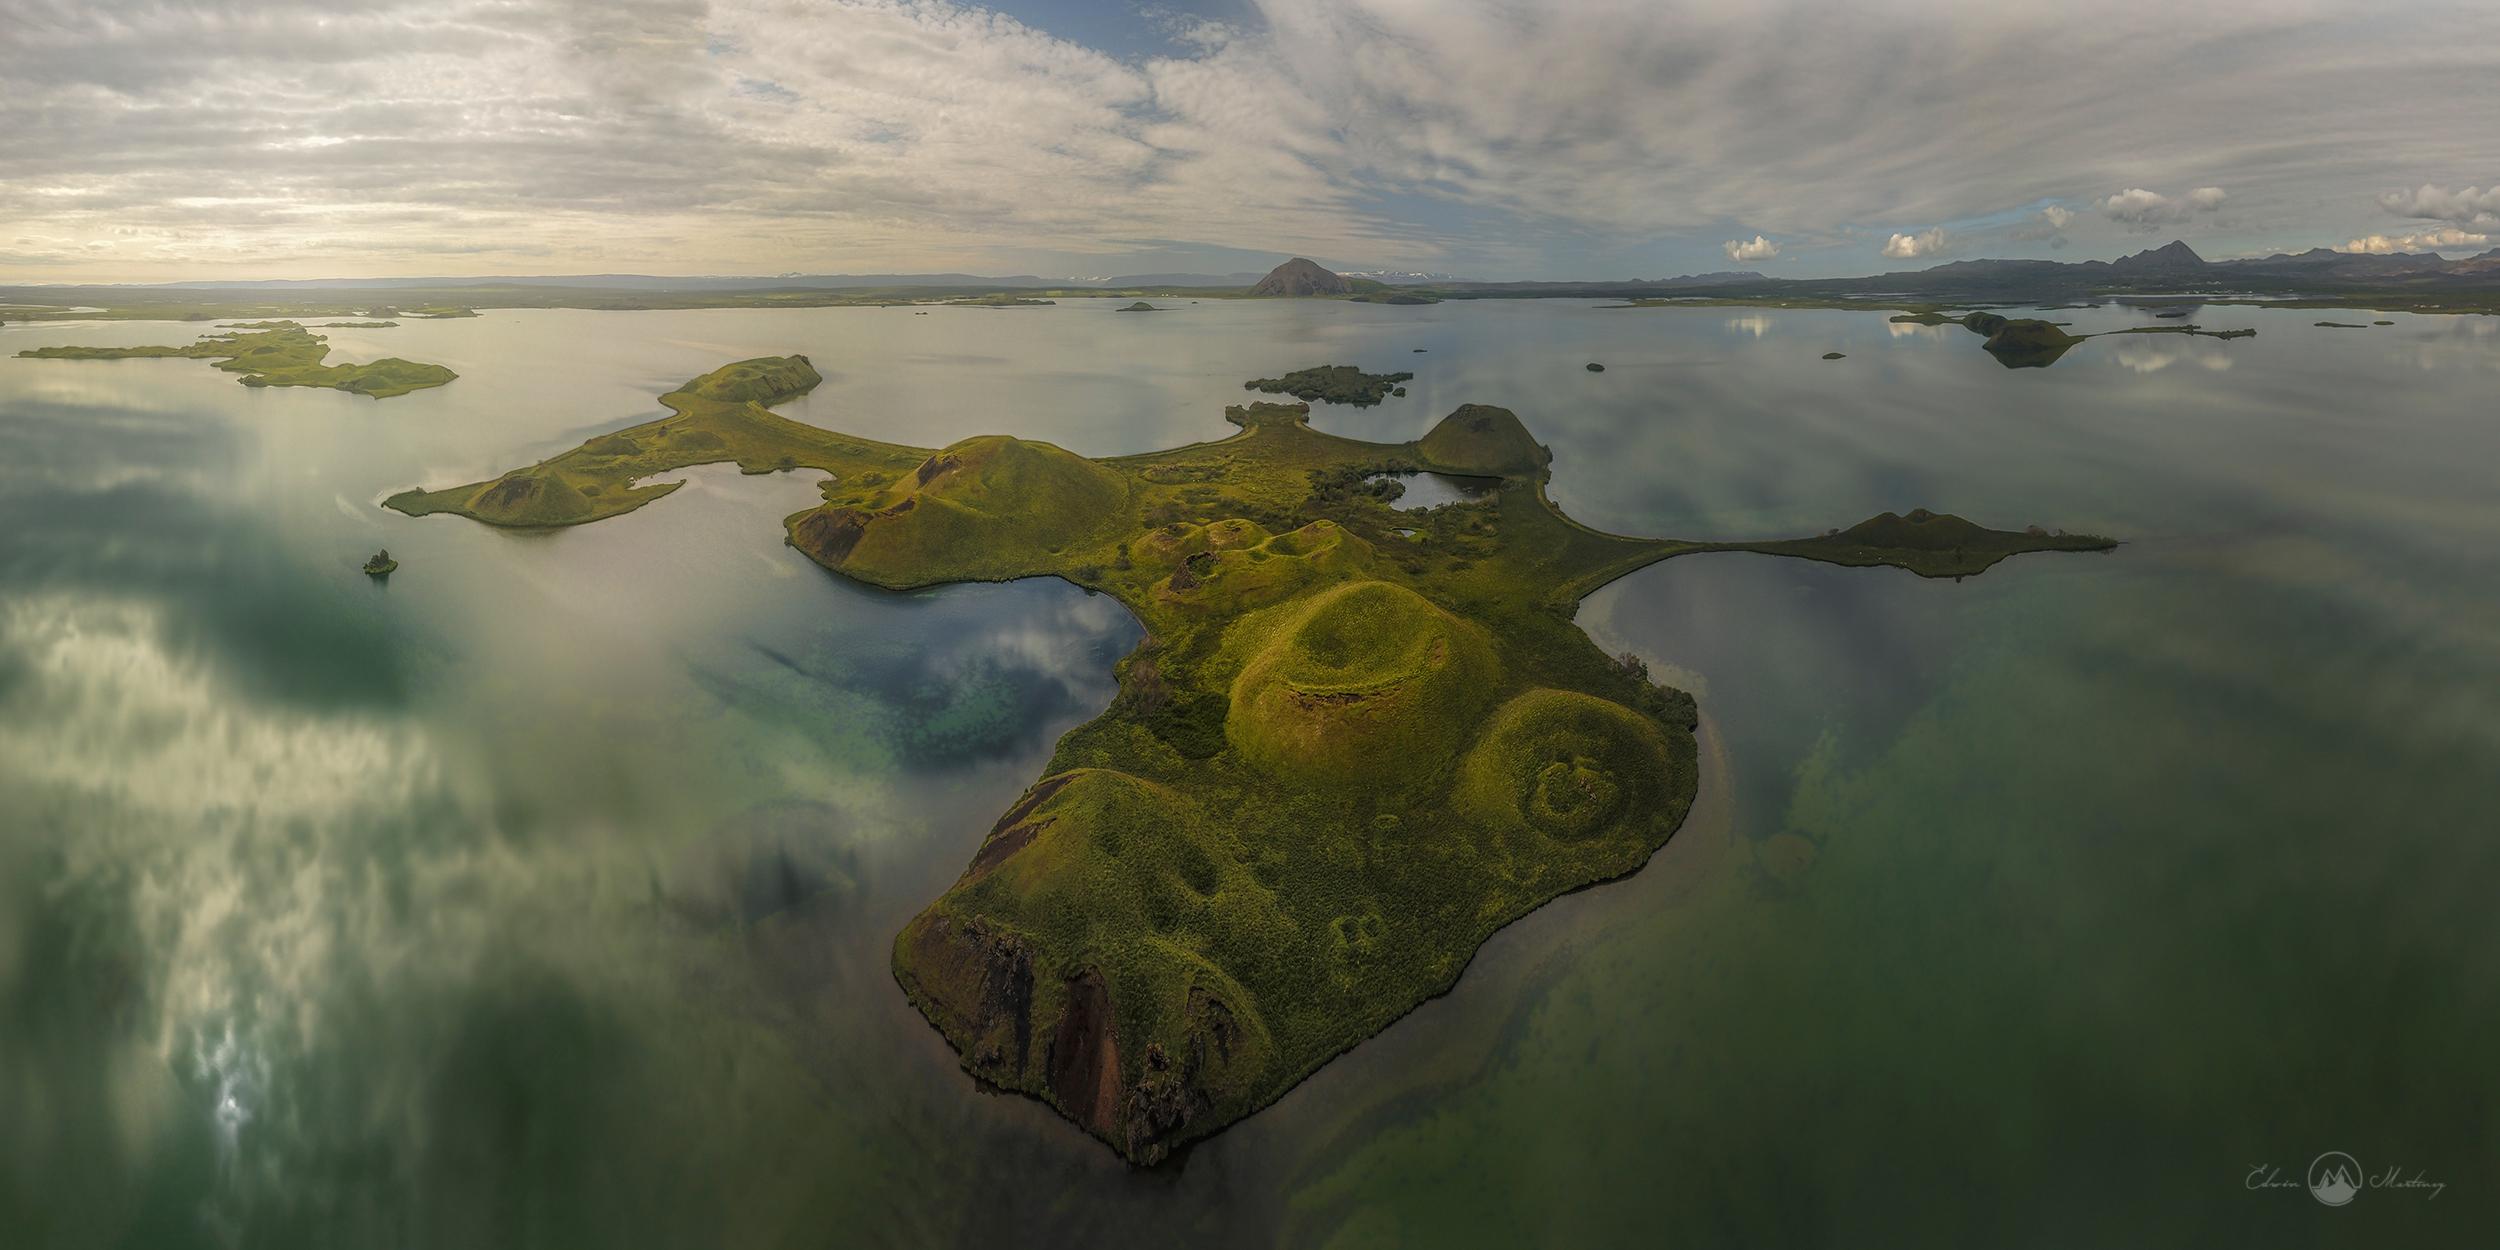 Die entlegenste Region Islands sind vermutlich die Highlands.